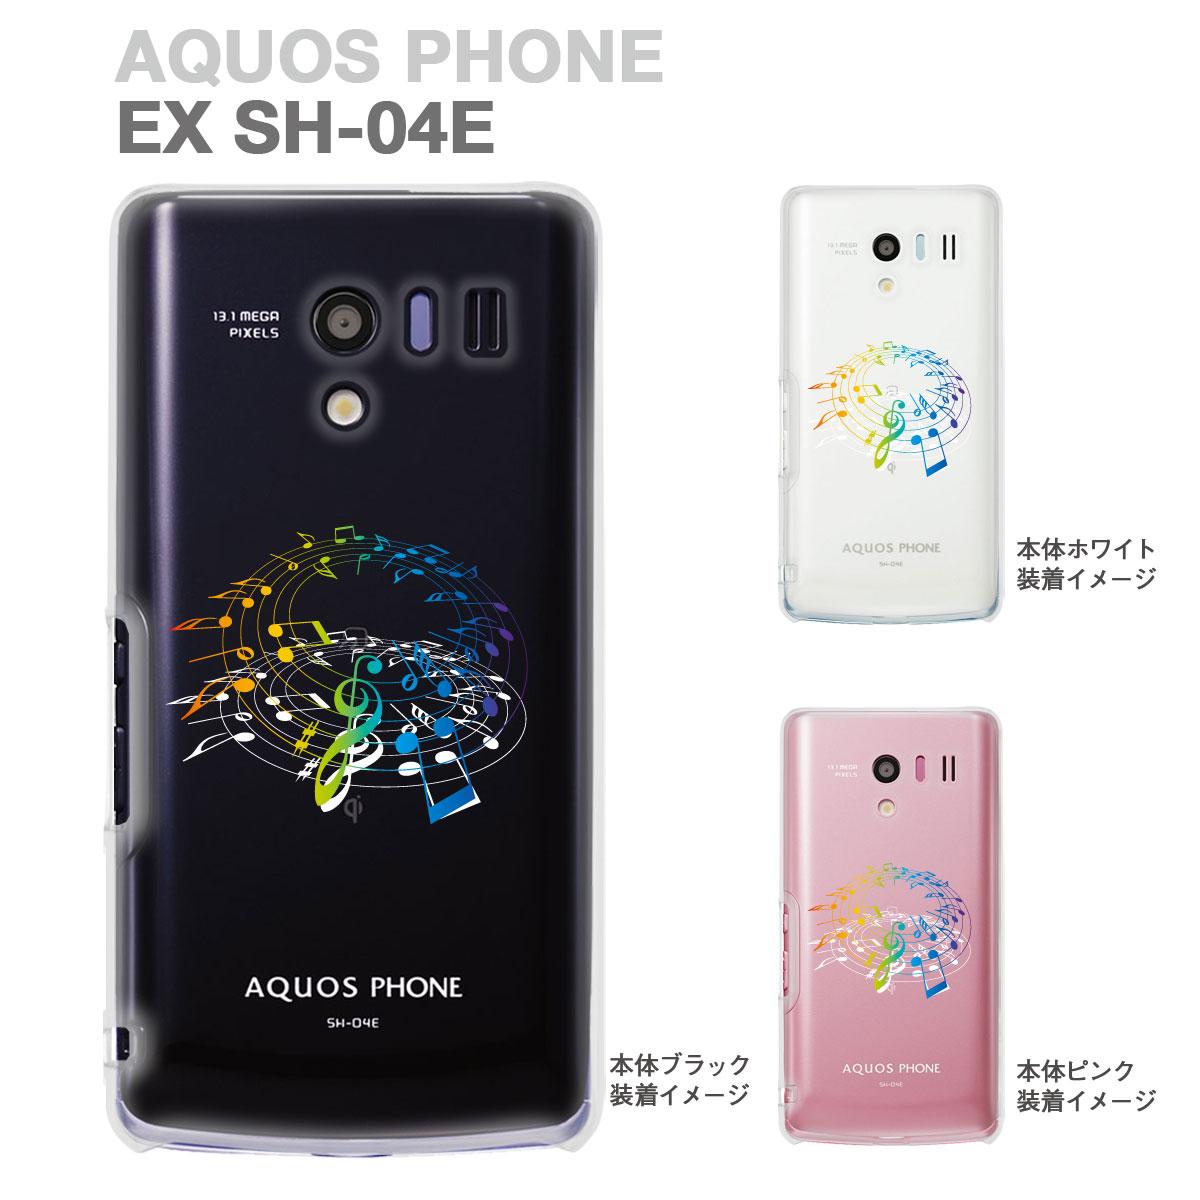 スマートフォン・携帯電話アクセサリー, ケース・カバー AQUOS PHONE EX SH-04EIGZO 09-sh04e-mu0005